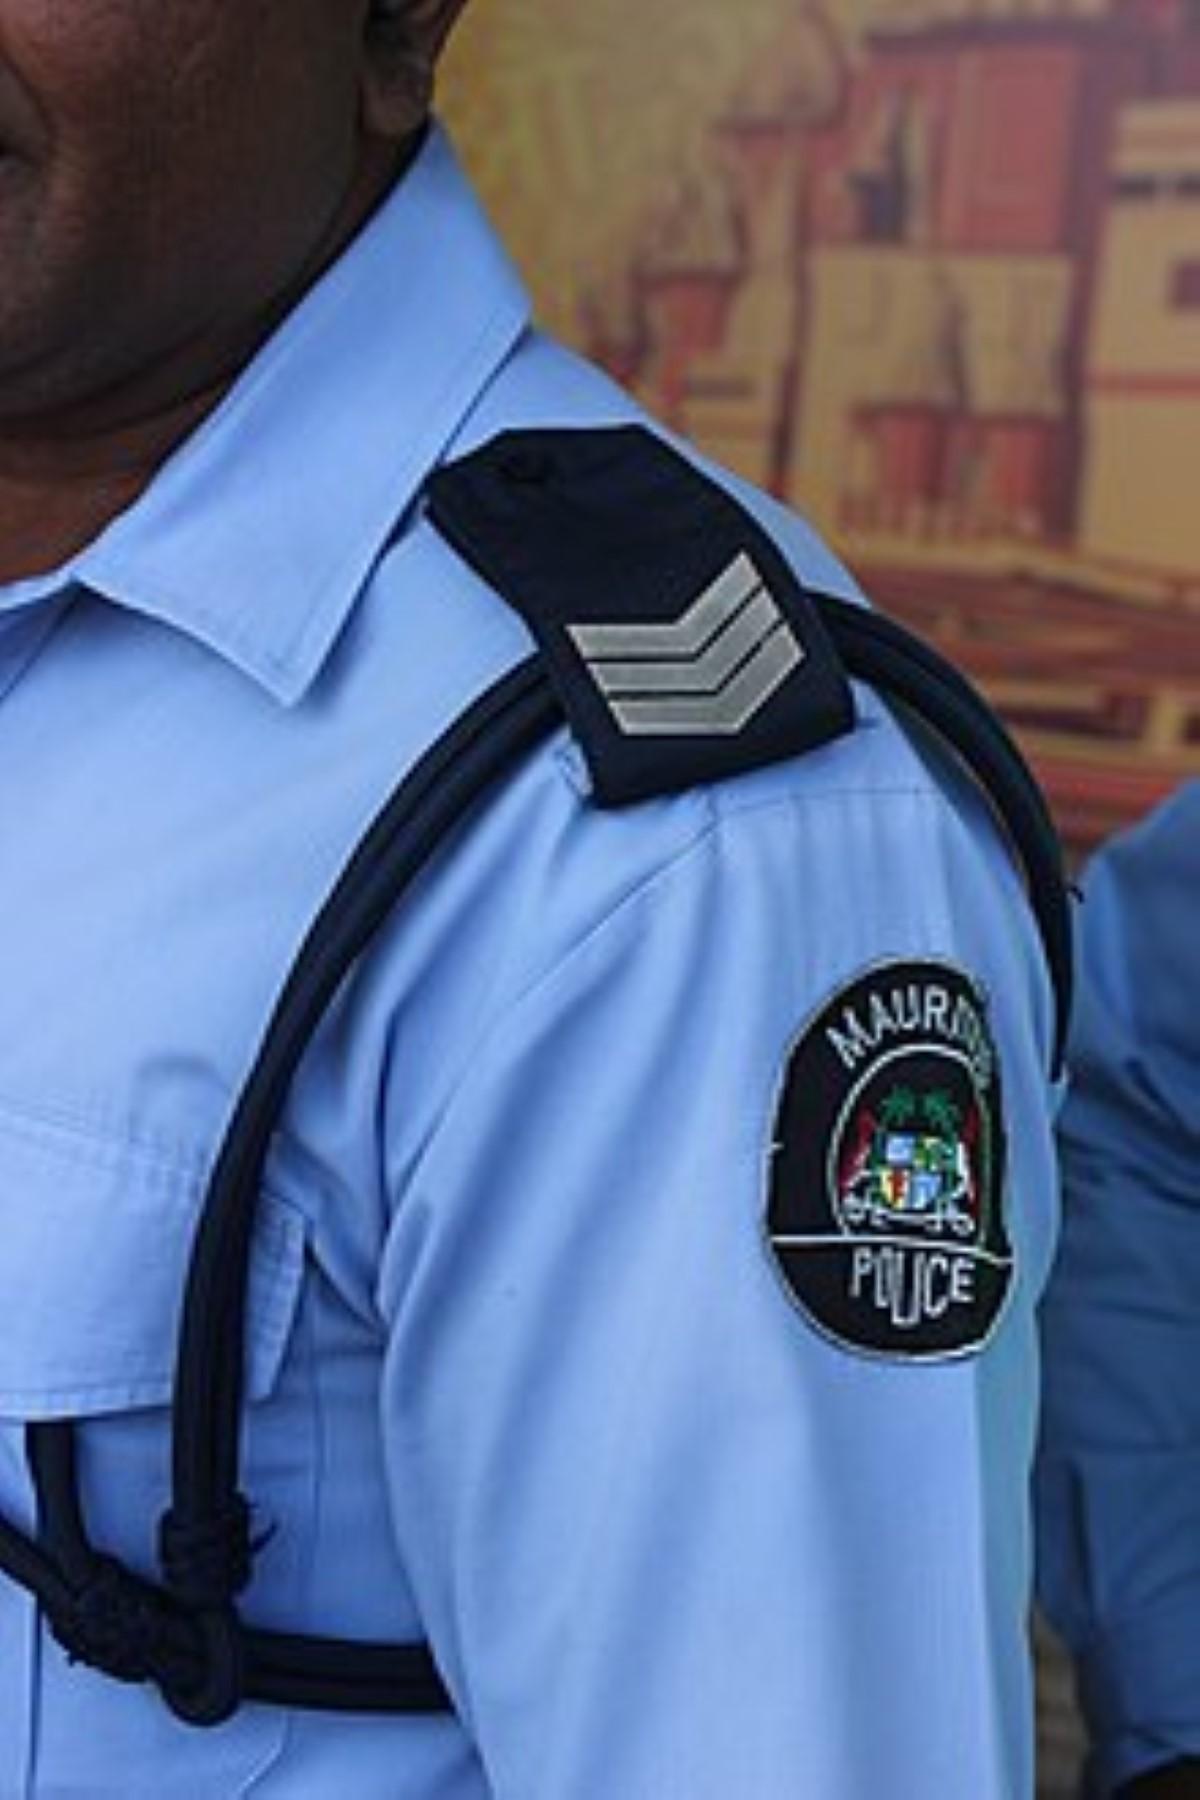 Arme volée : deux suspects passent aux aveux